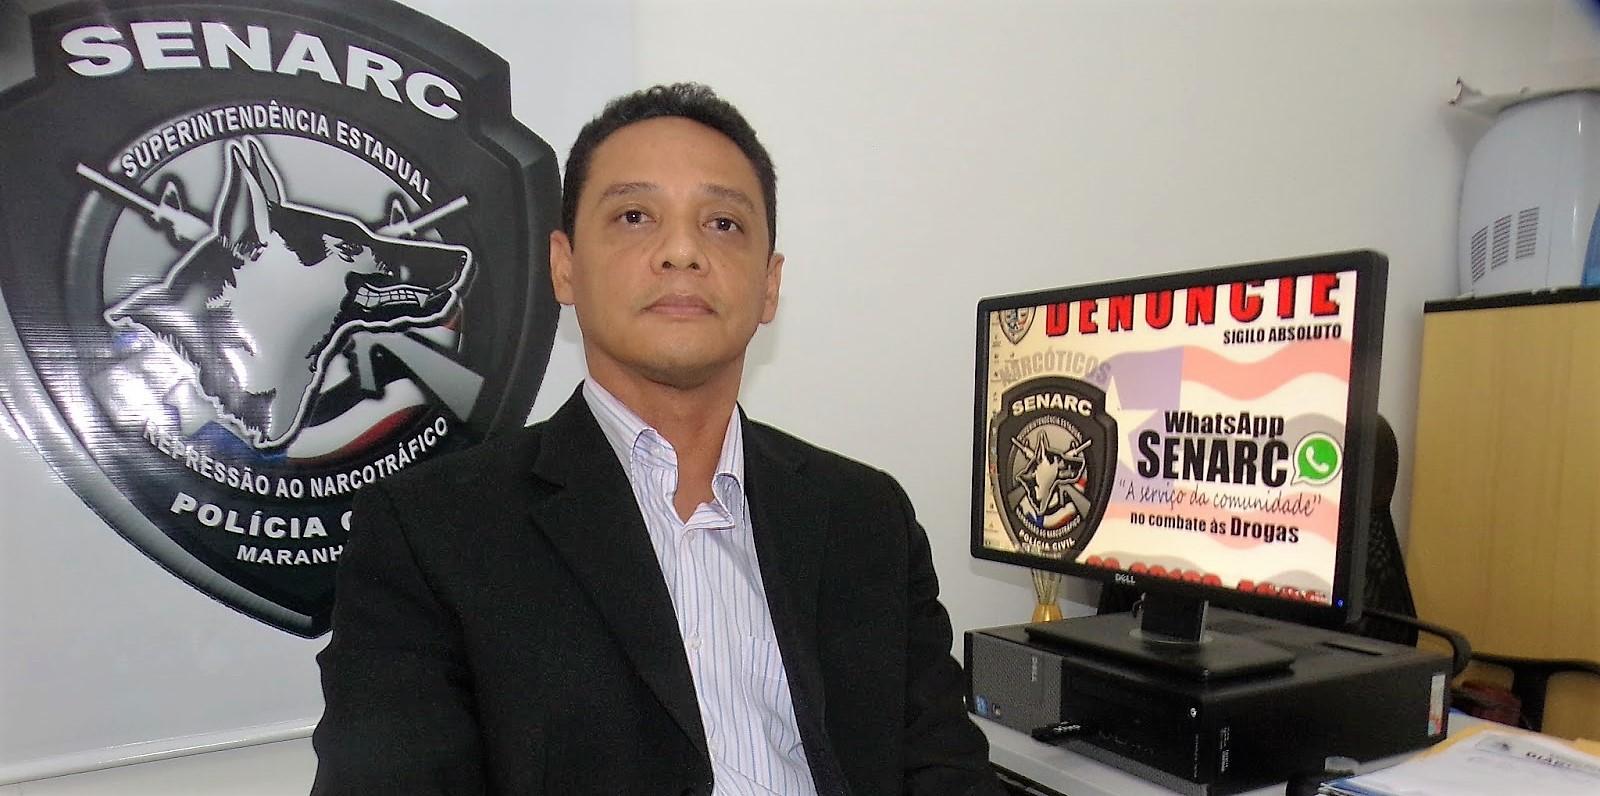 Superintendente fala do primeiro ano das atividades da SENARC no Maranhão